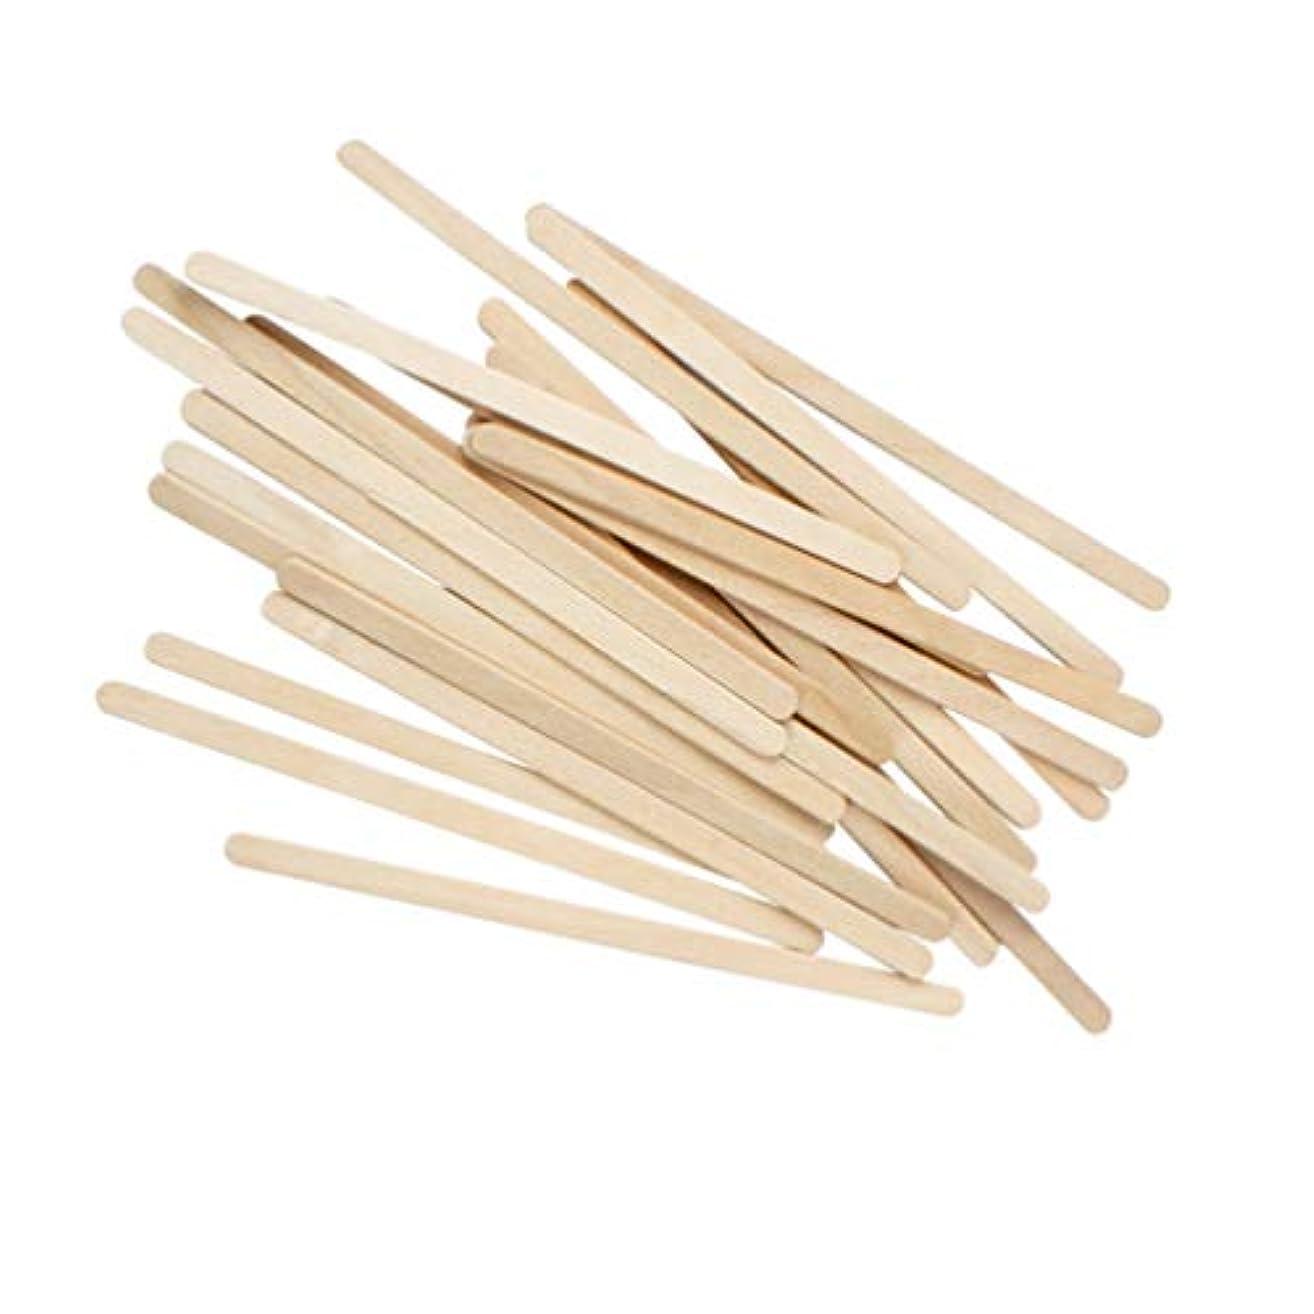 出演者わがまま発明Healifty 100ピース木製ワックスアプリケーター使い捨て脱毛ワックススティックマスクワックスヘラロッド用女性